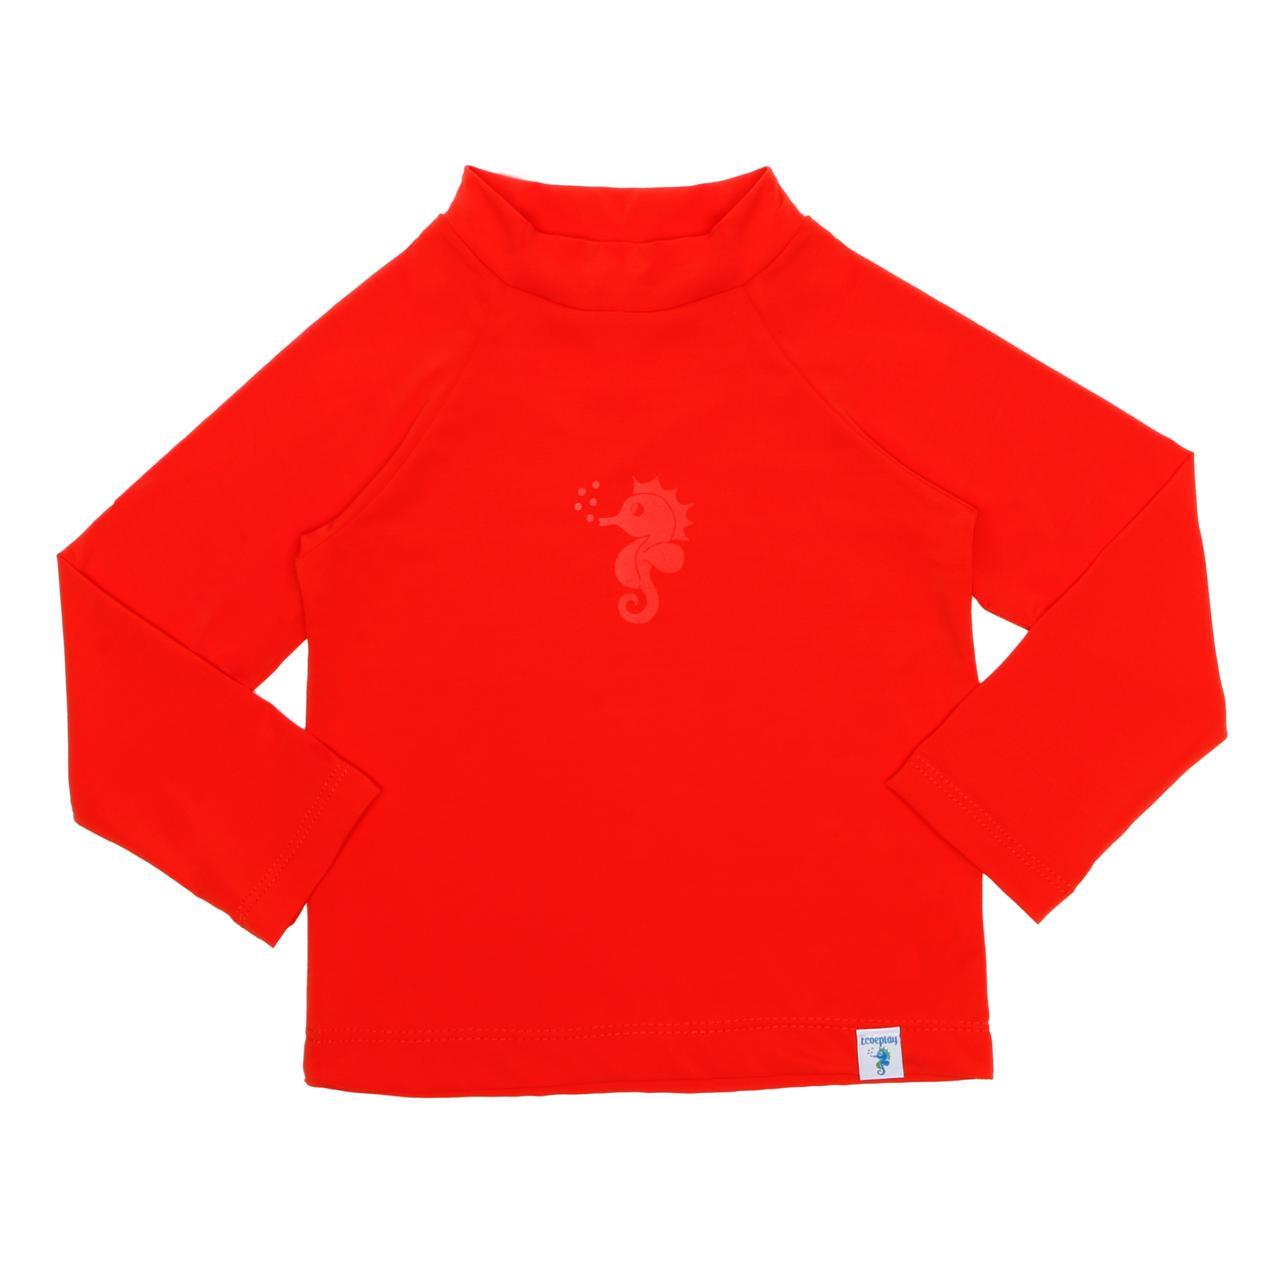 Camiseta Ecoeplay para Praia FPS 50+ Vermelha